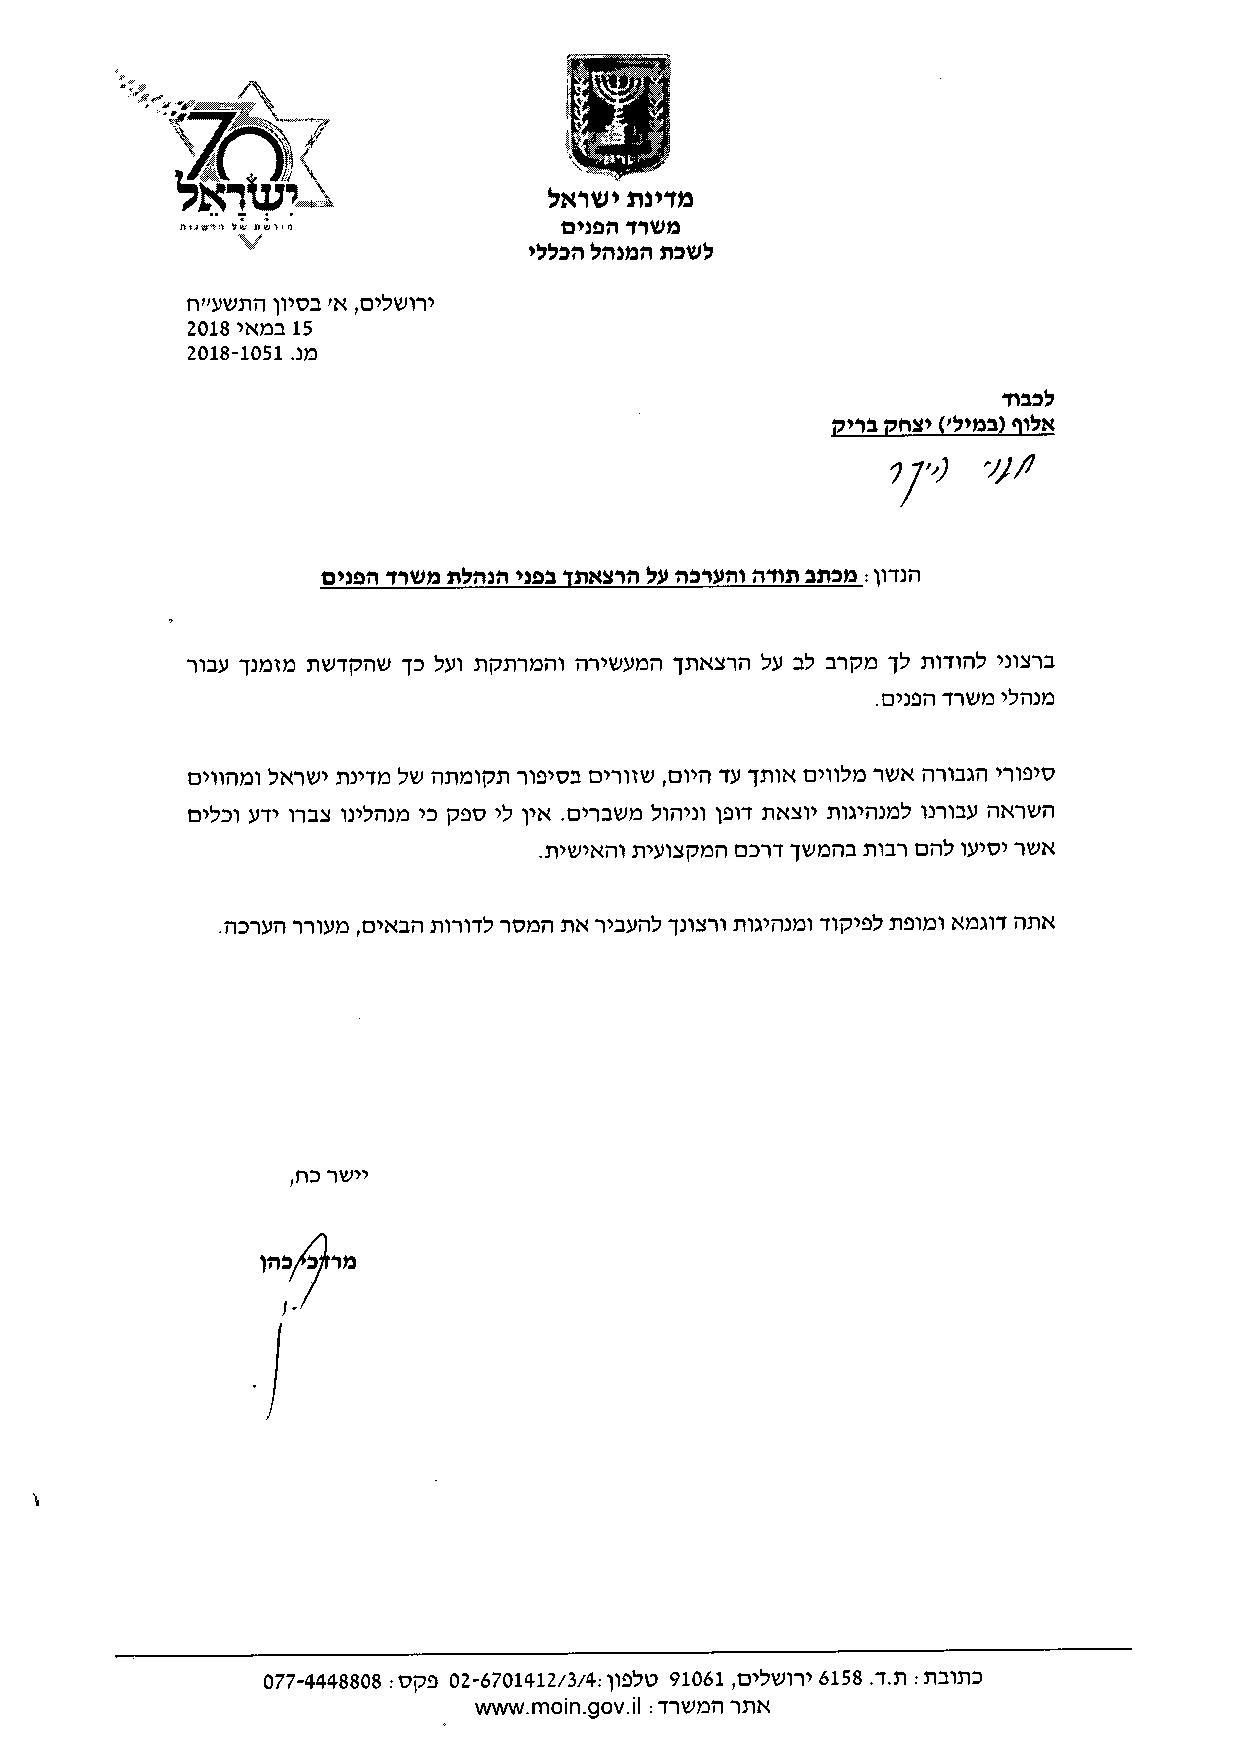 מכתב תודה משרד הפנים